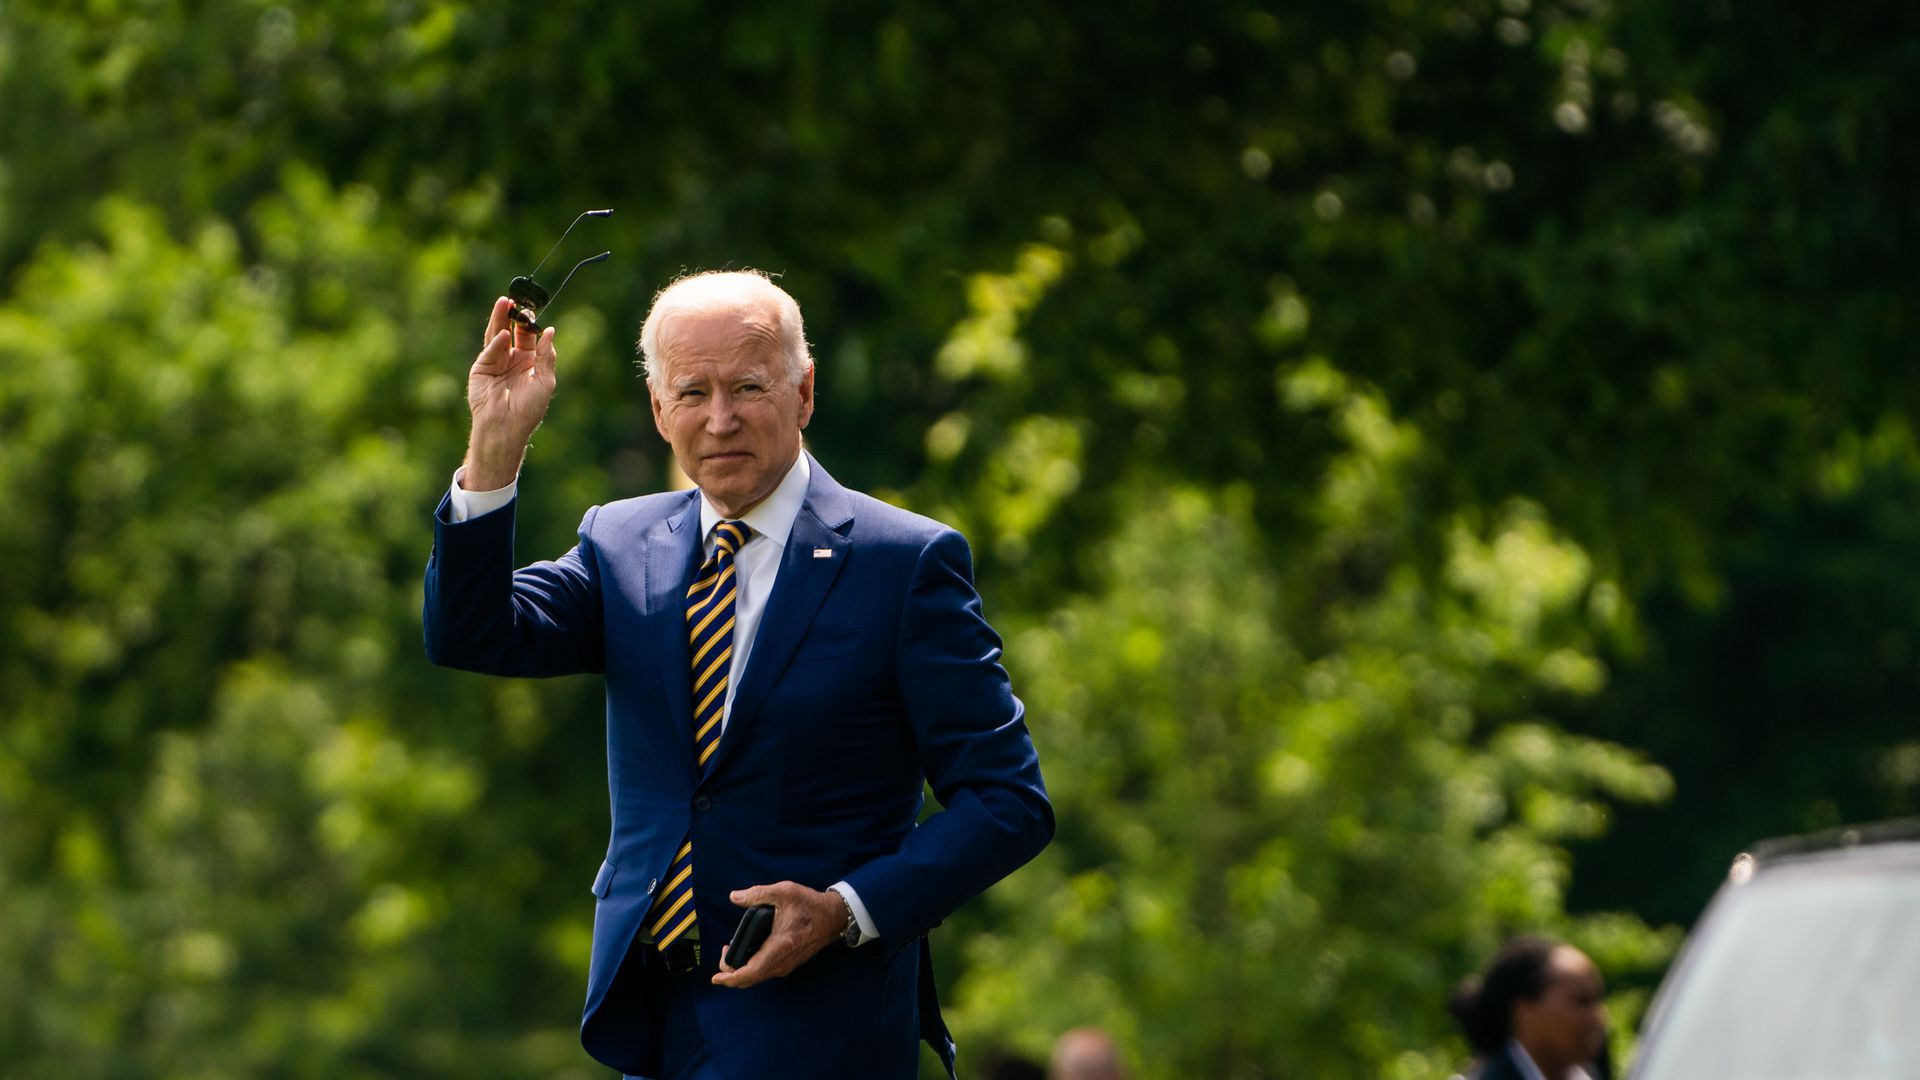 President Joe Biden waves as he gets ready to board Marine One.